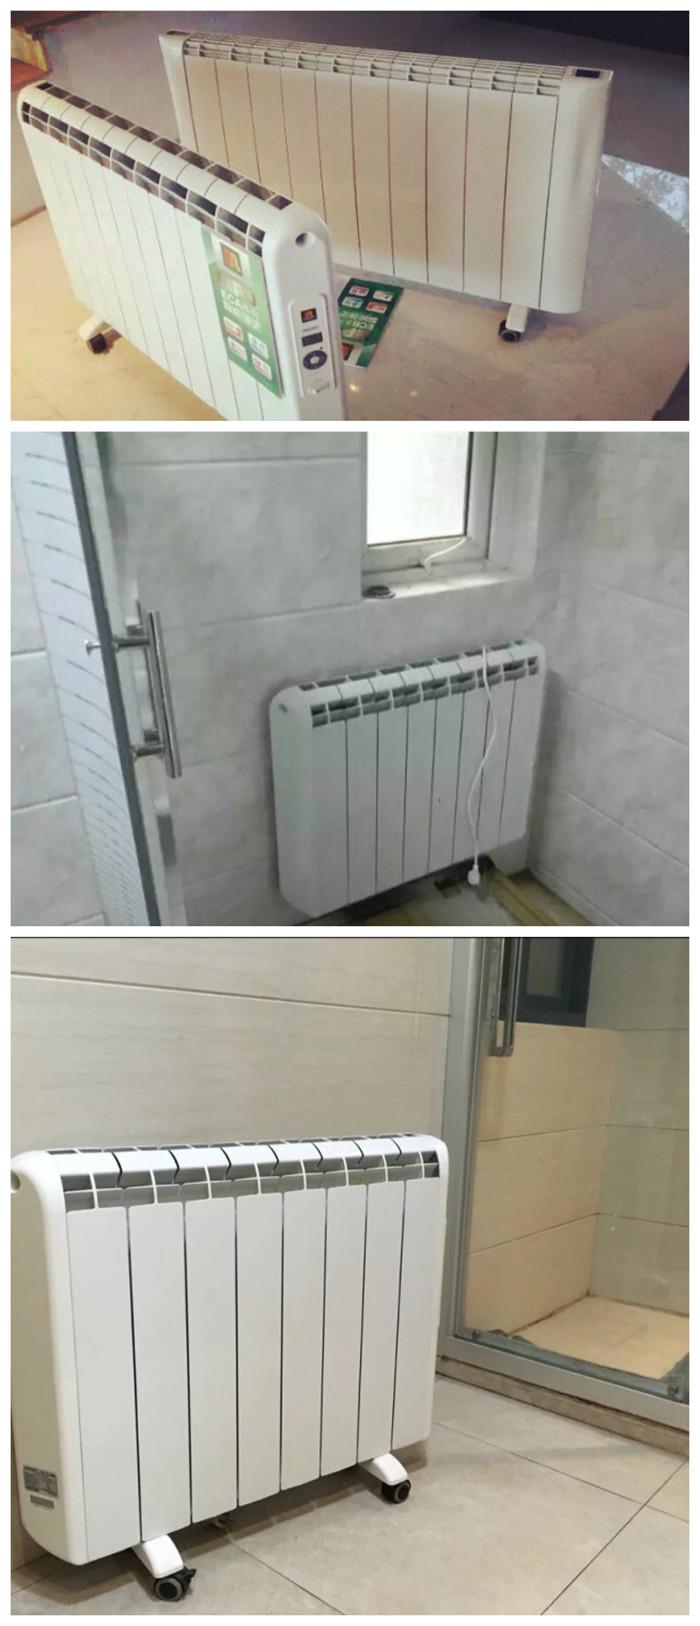 เครื่องทำความร้อนห้องพักไฟฟ้าaumax